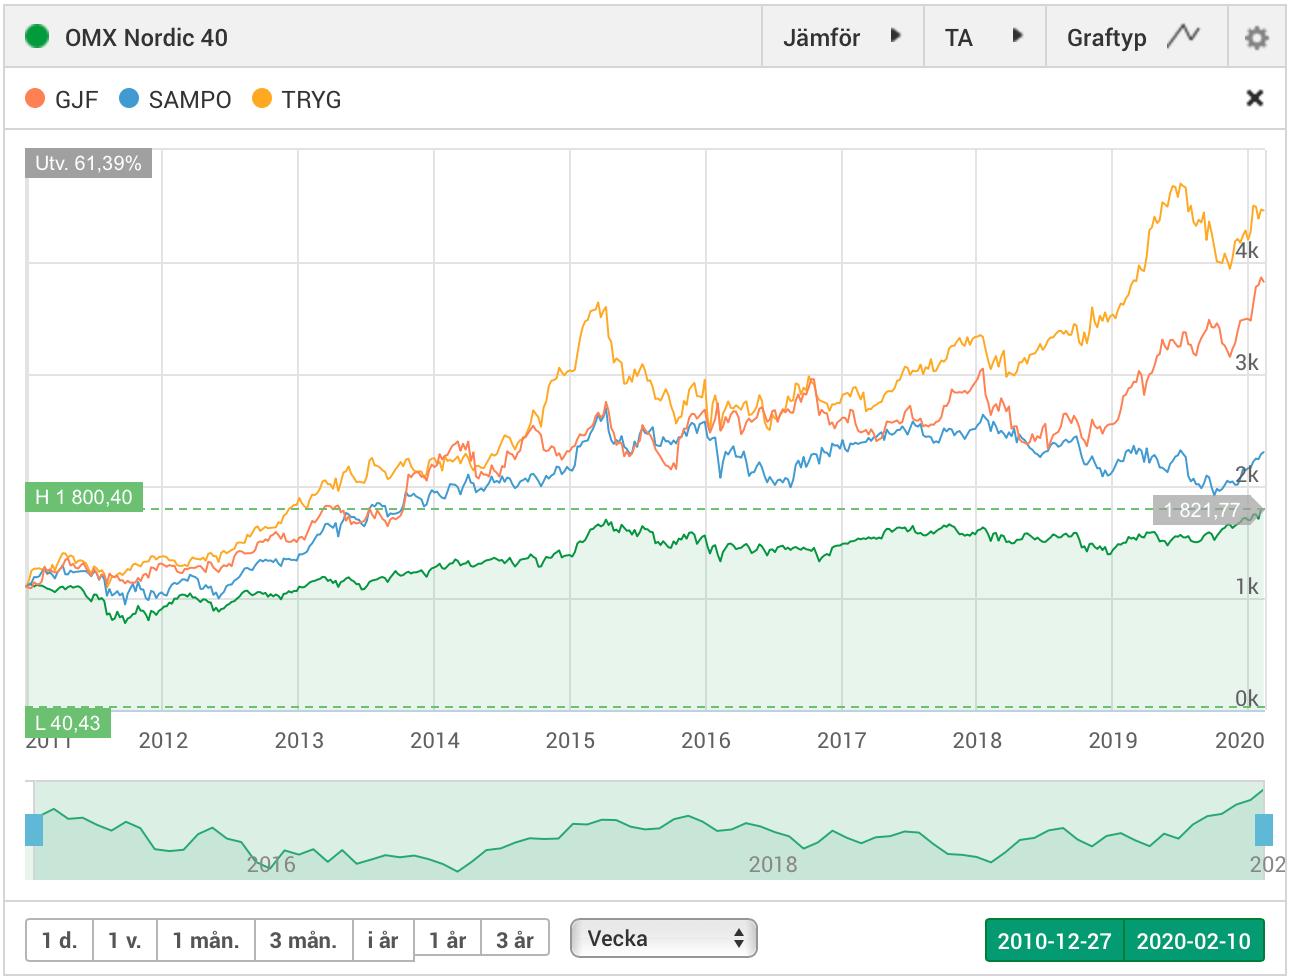 Försäkringsbolag i Norden - jämförelse av aktiekurs